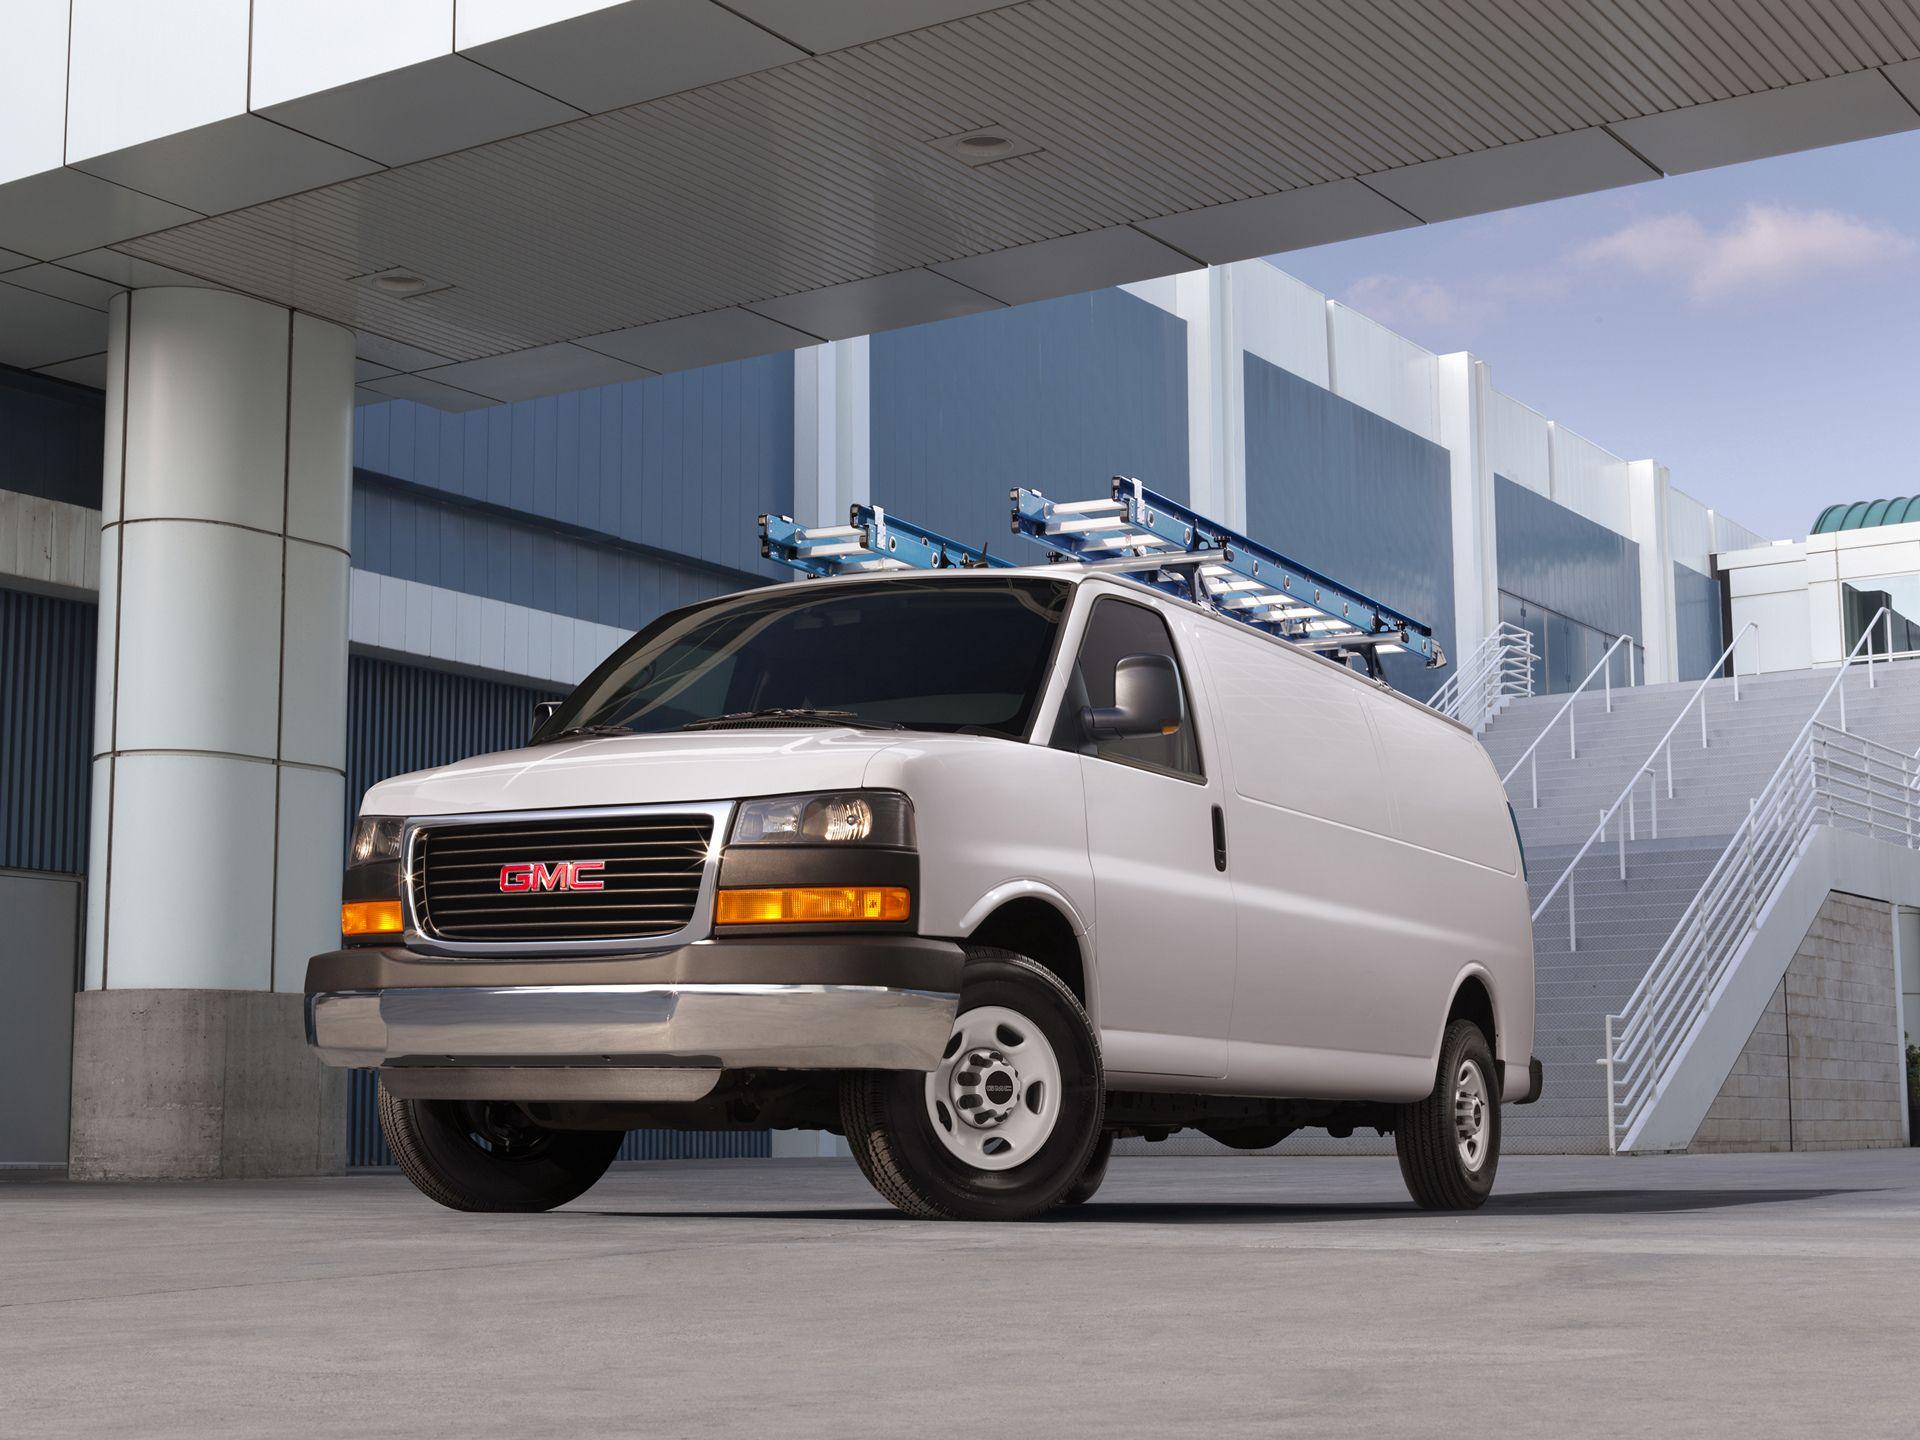 The Gmc Savana Cargo Is A Versatile Van Designed To Make Work Easier And More Gmc Gmc Vans Cargo Van